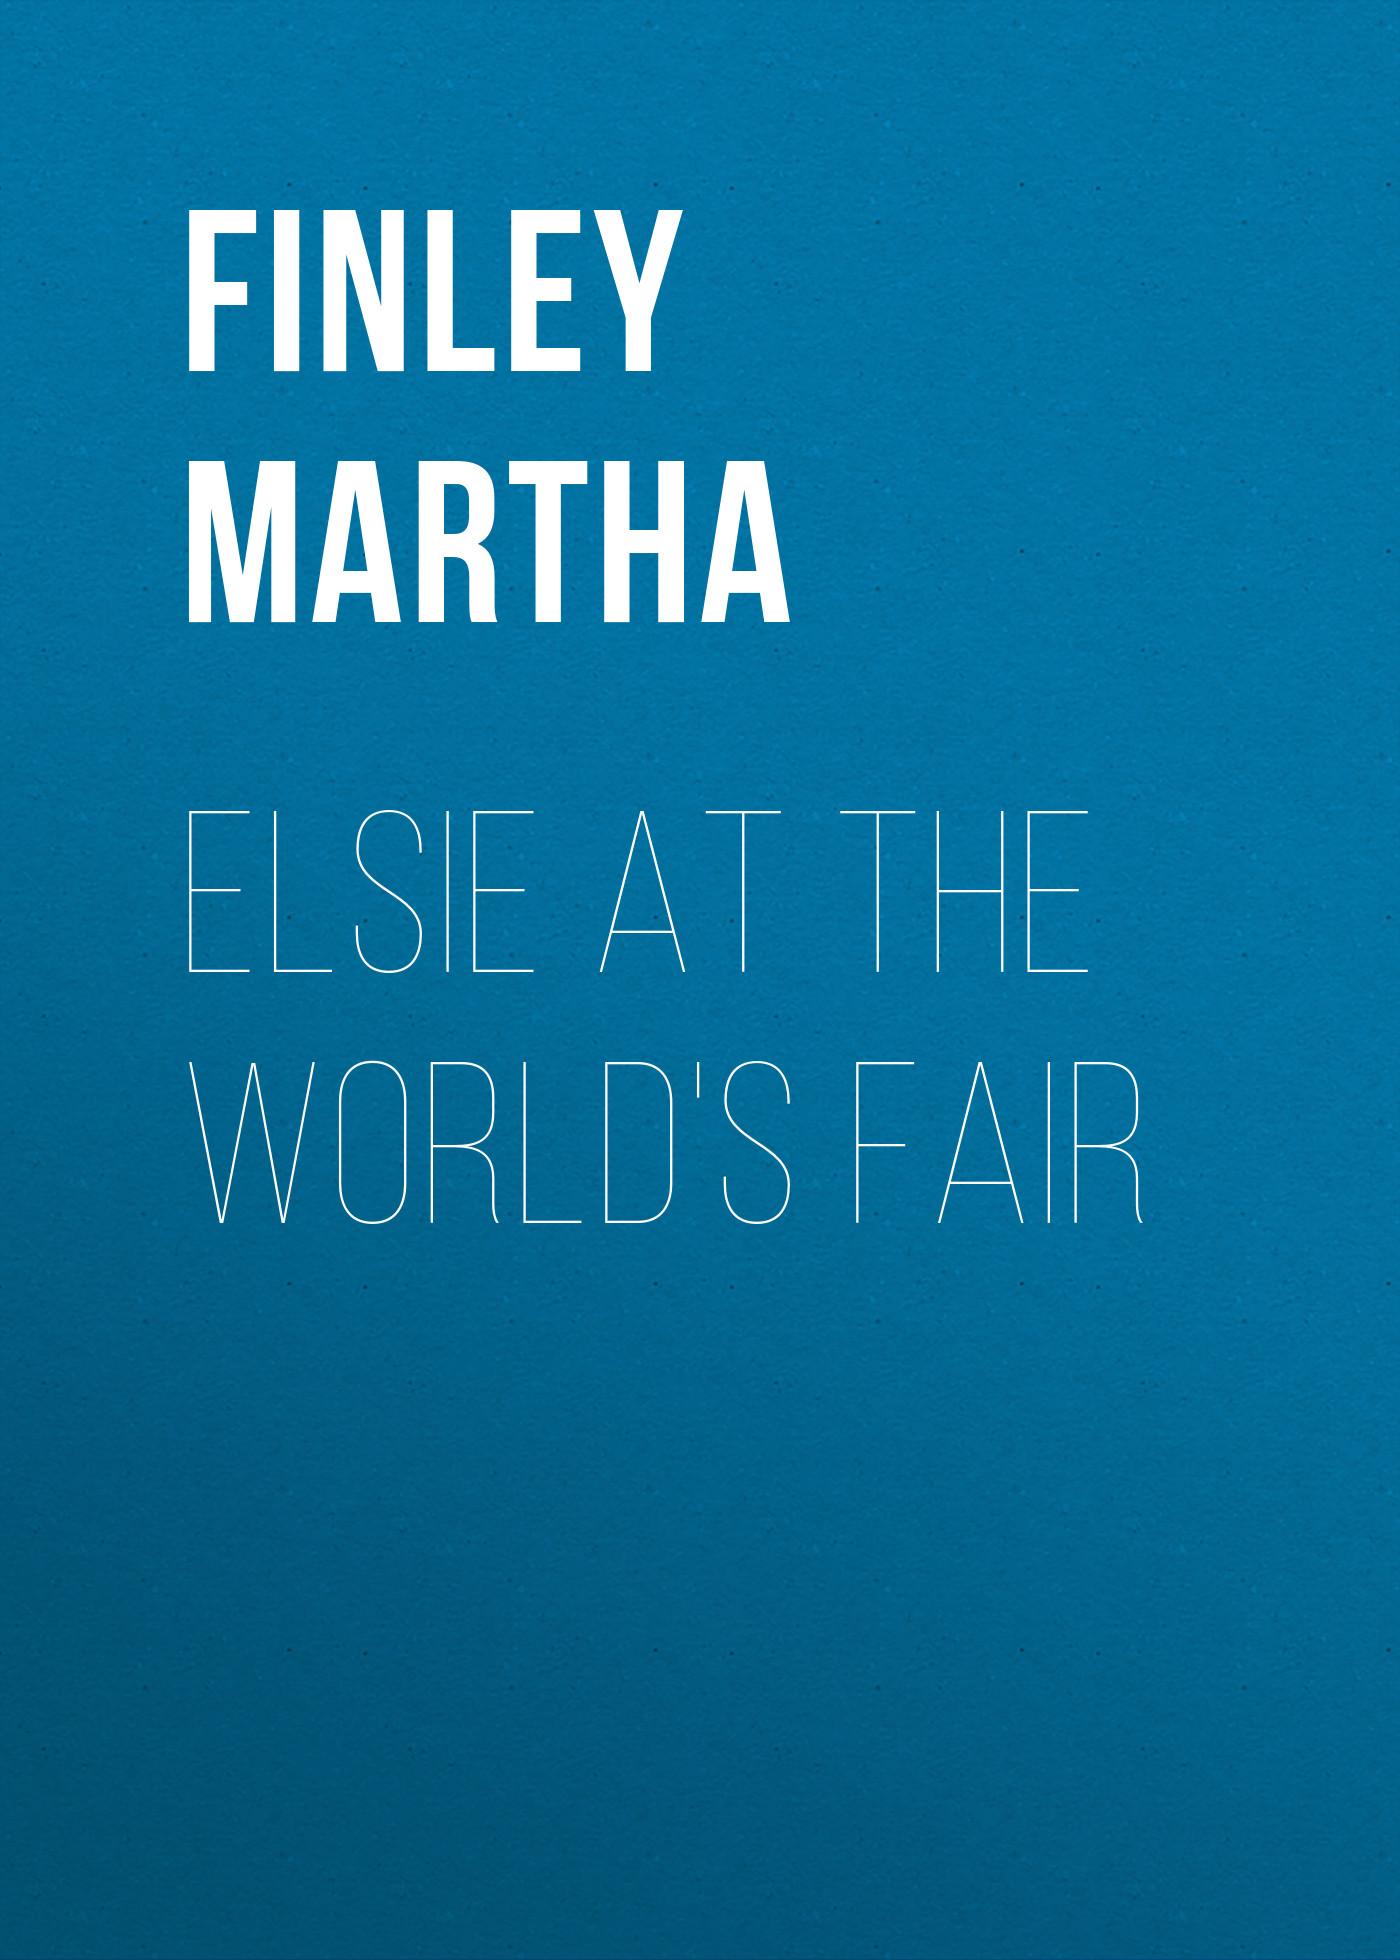 Finley Martha Elsie at the World's Fair foul play at the fair